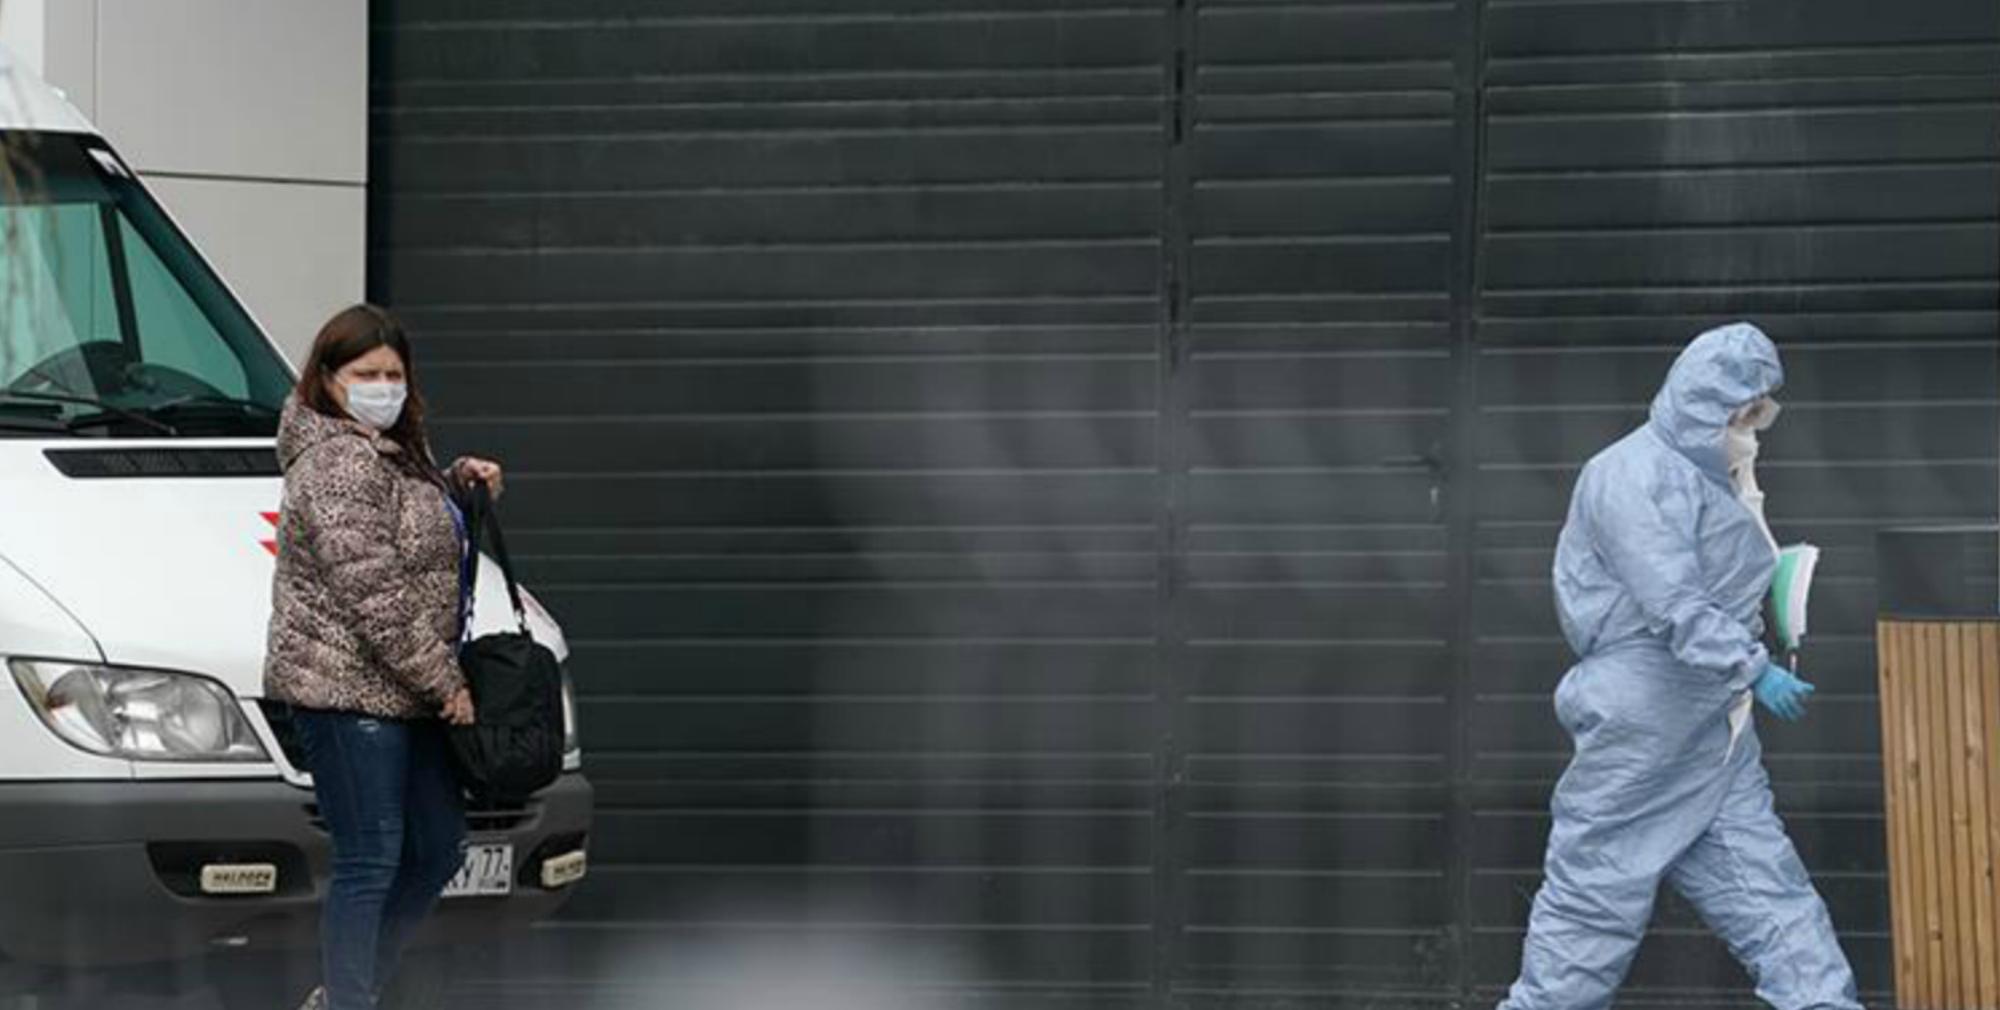 Սոչիում կորոնավիրուսով վարակված պացիենտը փախուստի է դիմել բժշկական կենտրոնից